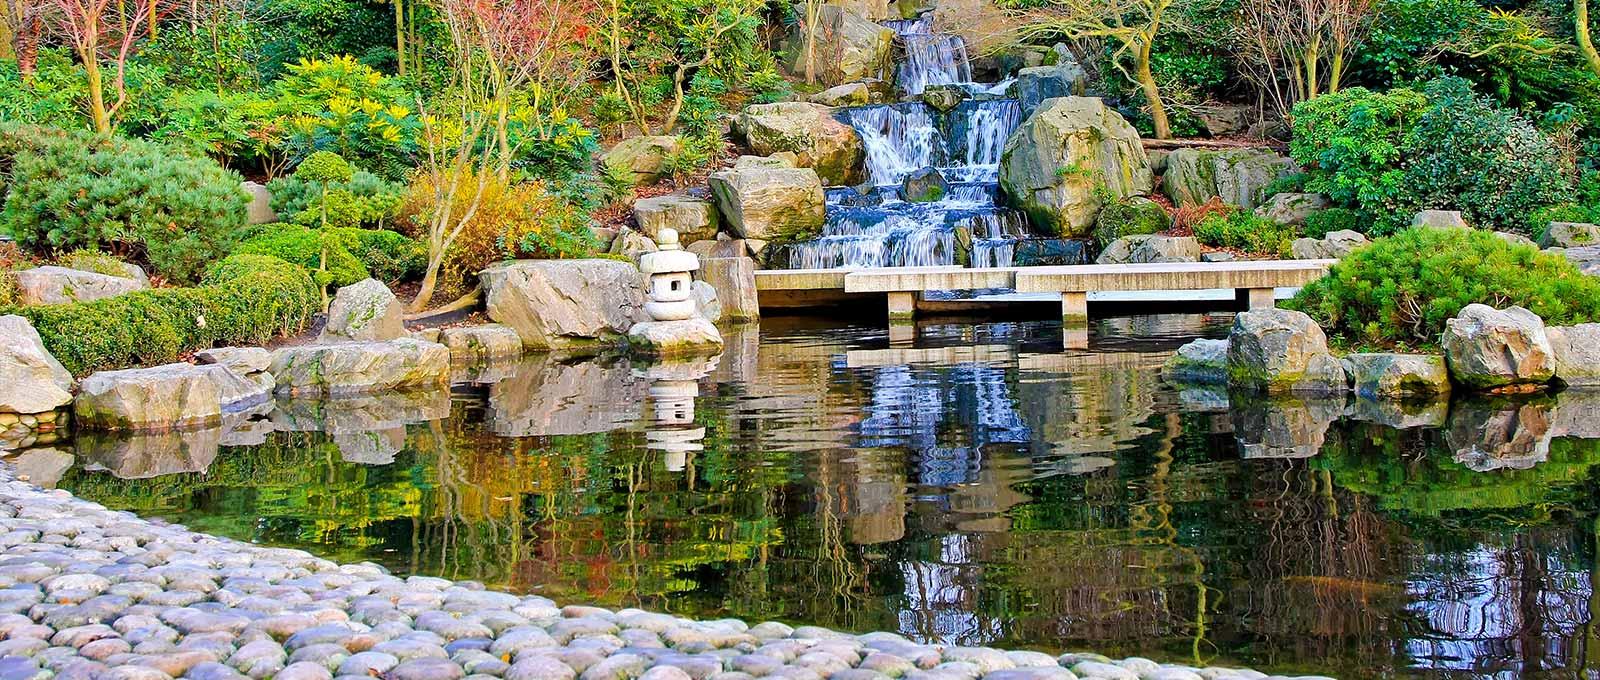 Stock Photo Waterfall